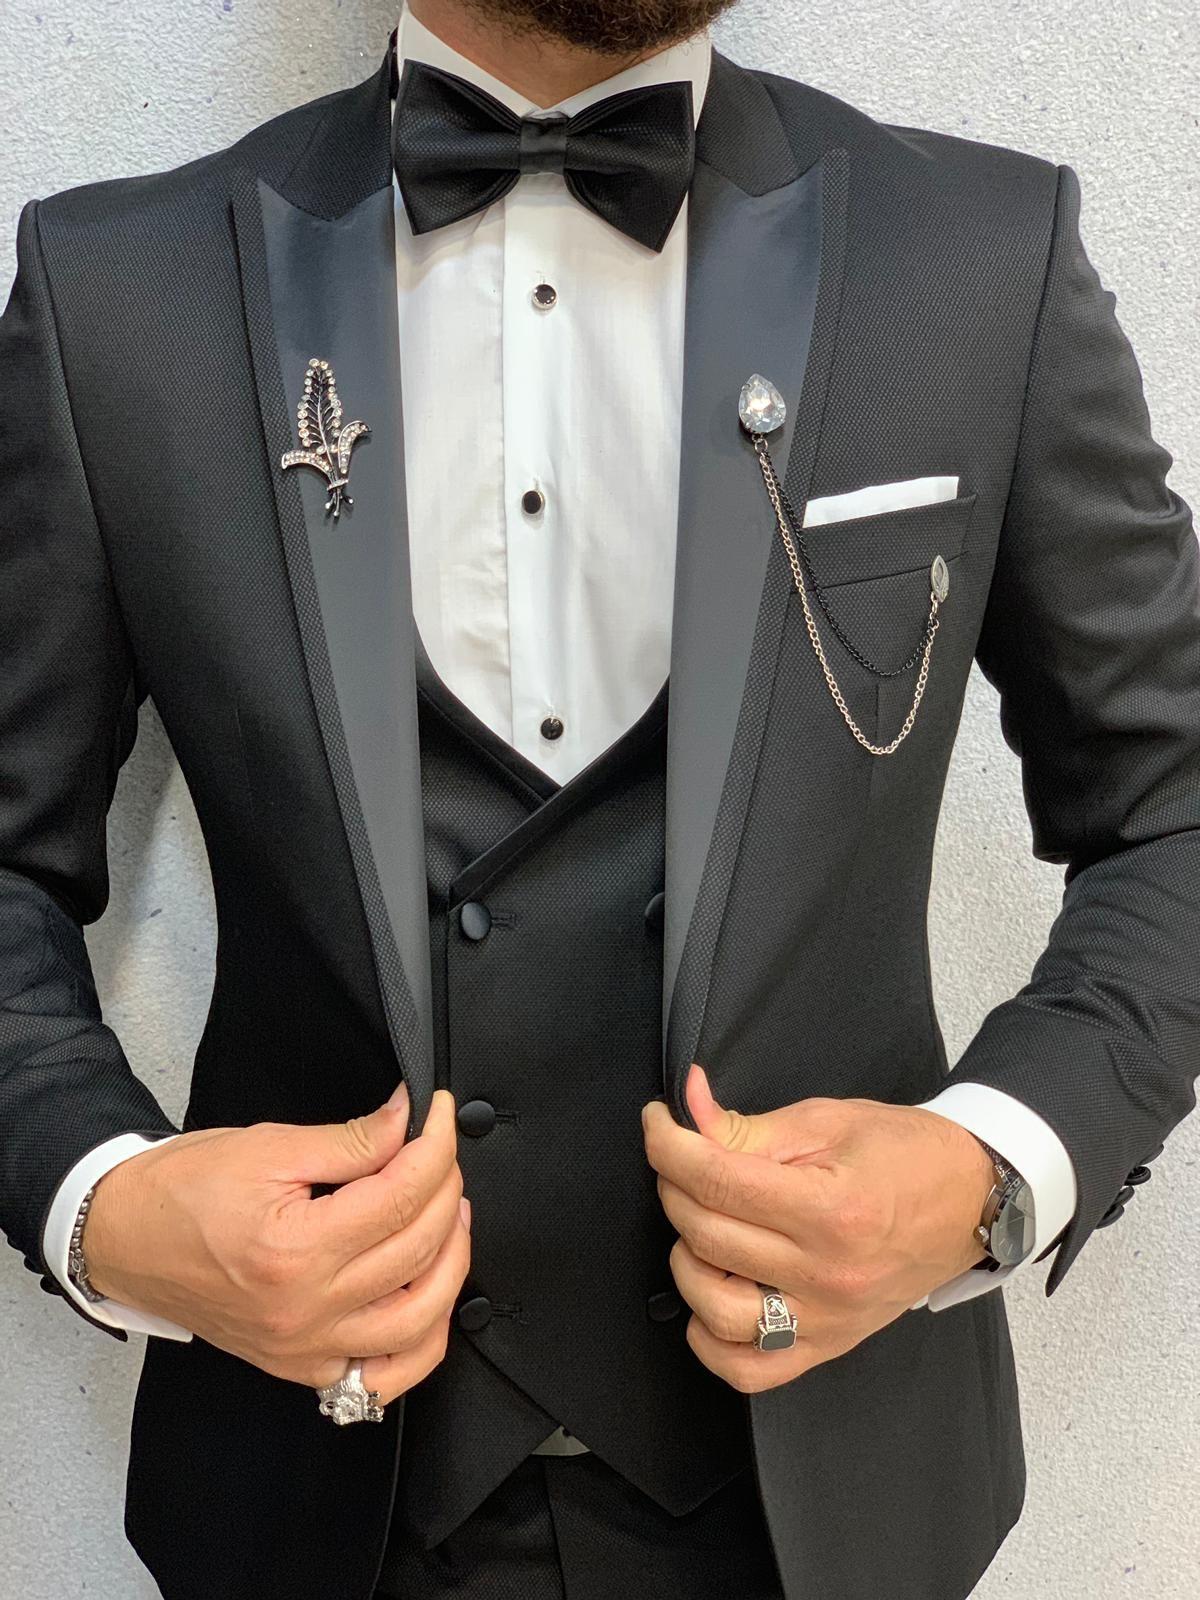 Aima Black Slim Fit Tuxedo in 2020 Slim fit tuxedo